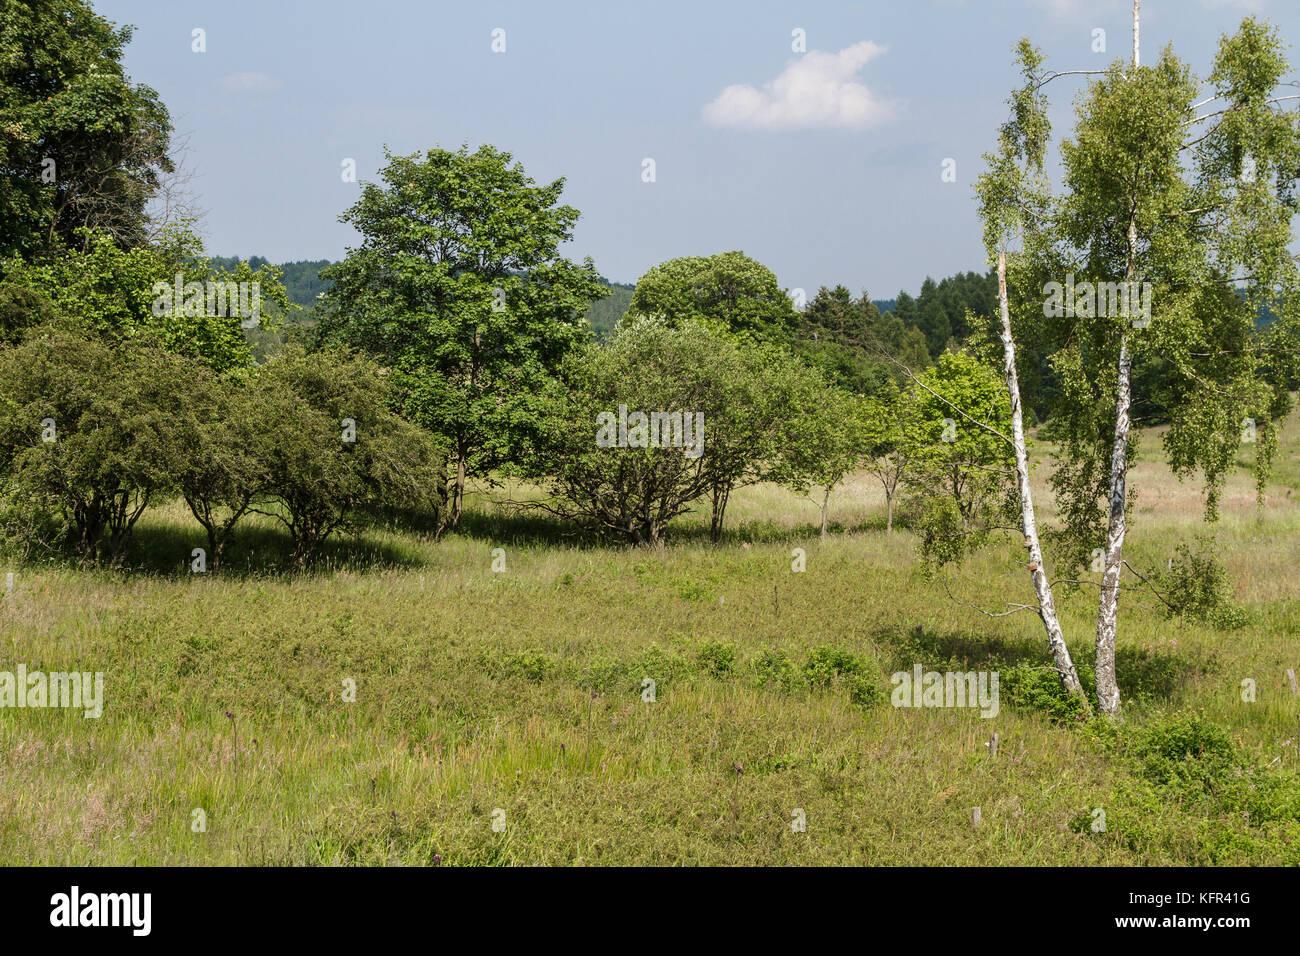 Naturlandschaft Wiese - Stock Image